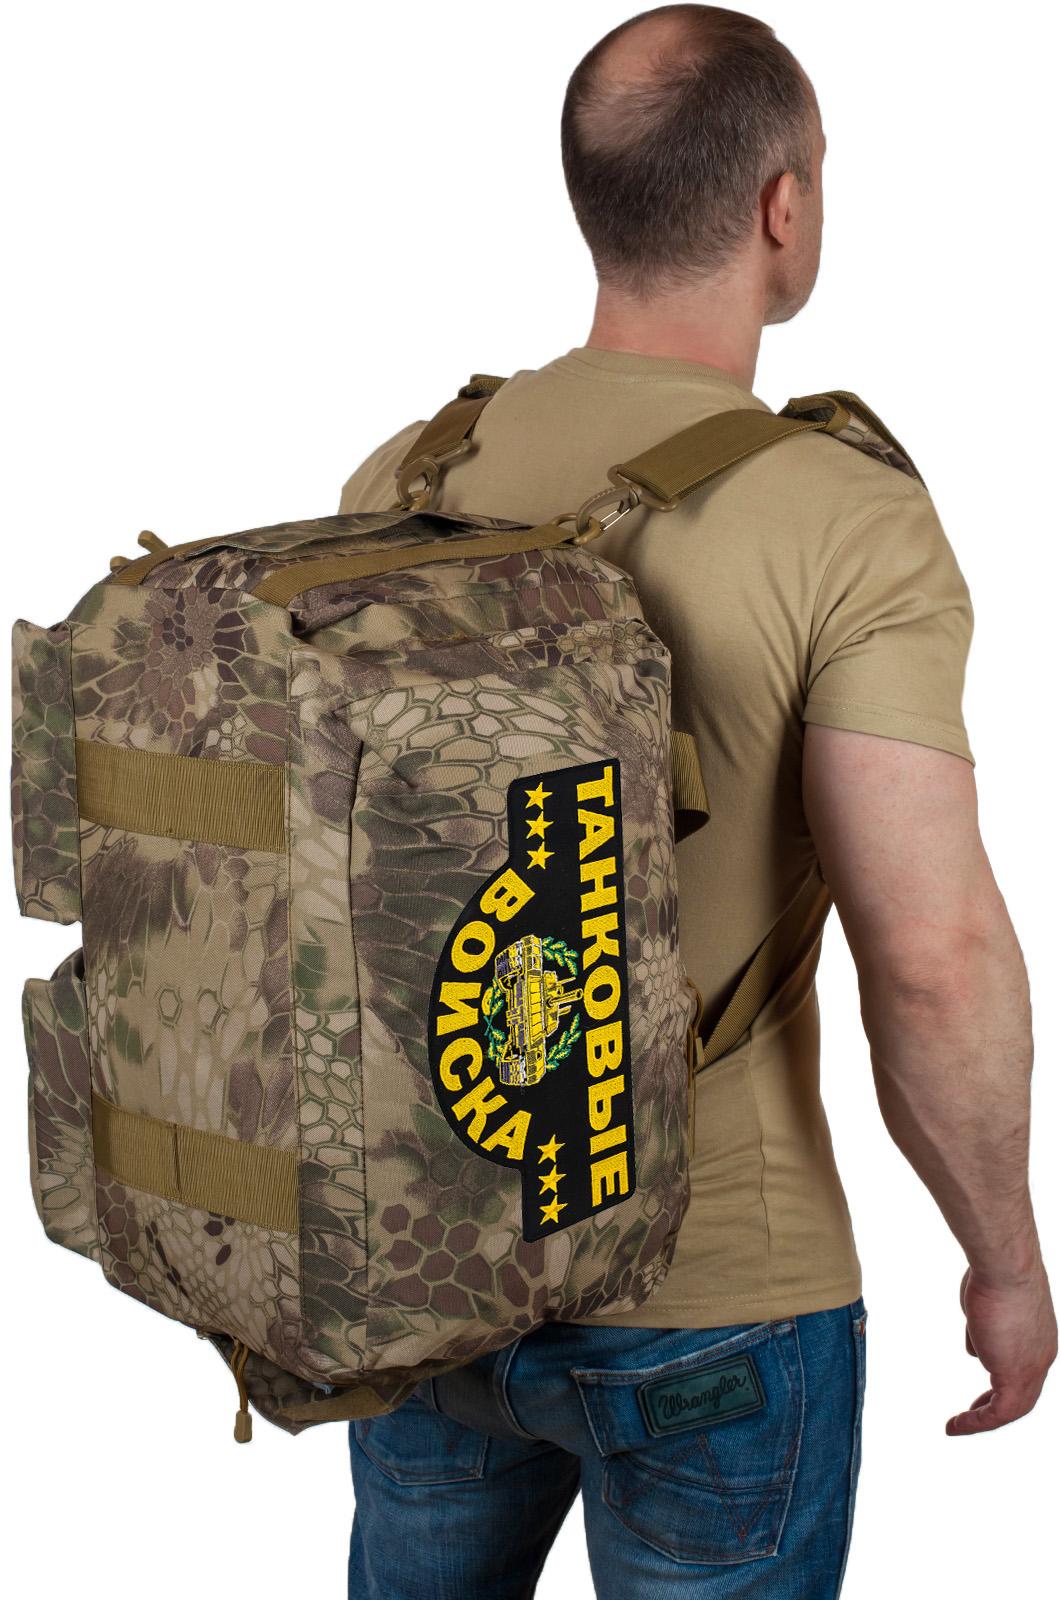 Купить тактическую заплечную сумку для походов Танковые Войска по лучшей цене